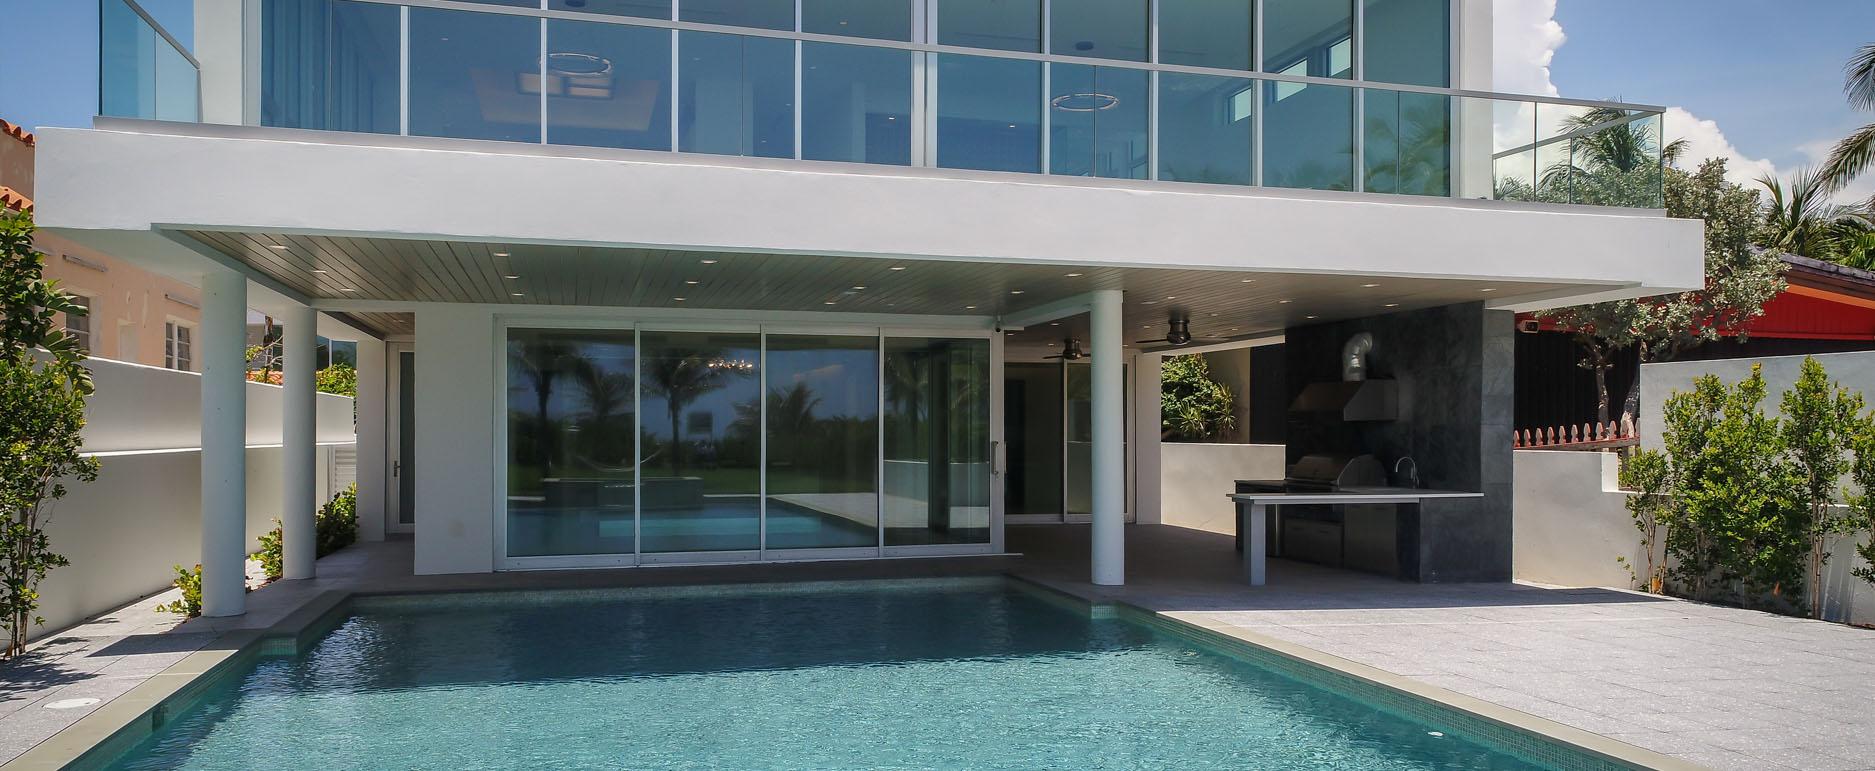 , Miami Beach Contemporary